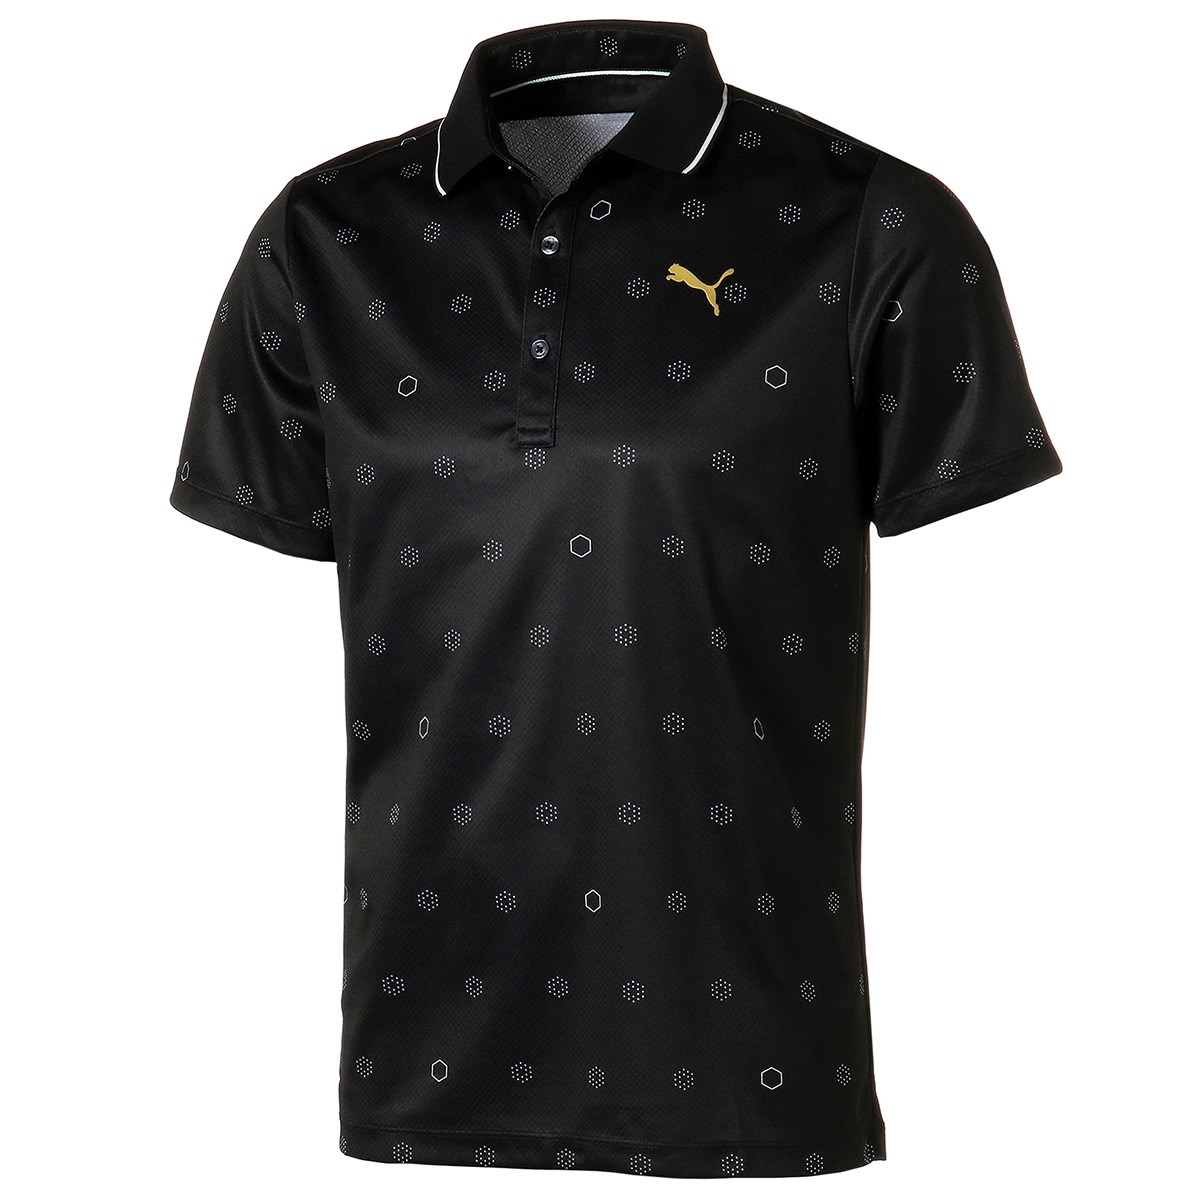 プーマ(PUMA) 18ホール モノグラム 半袖ポロシャツ